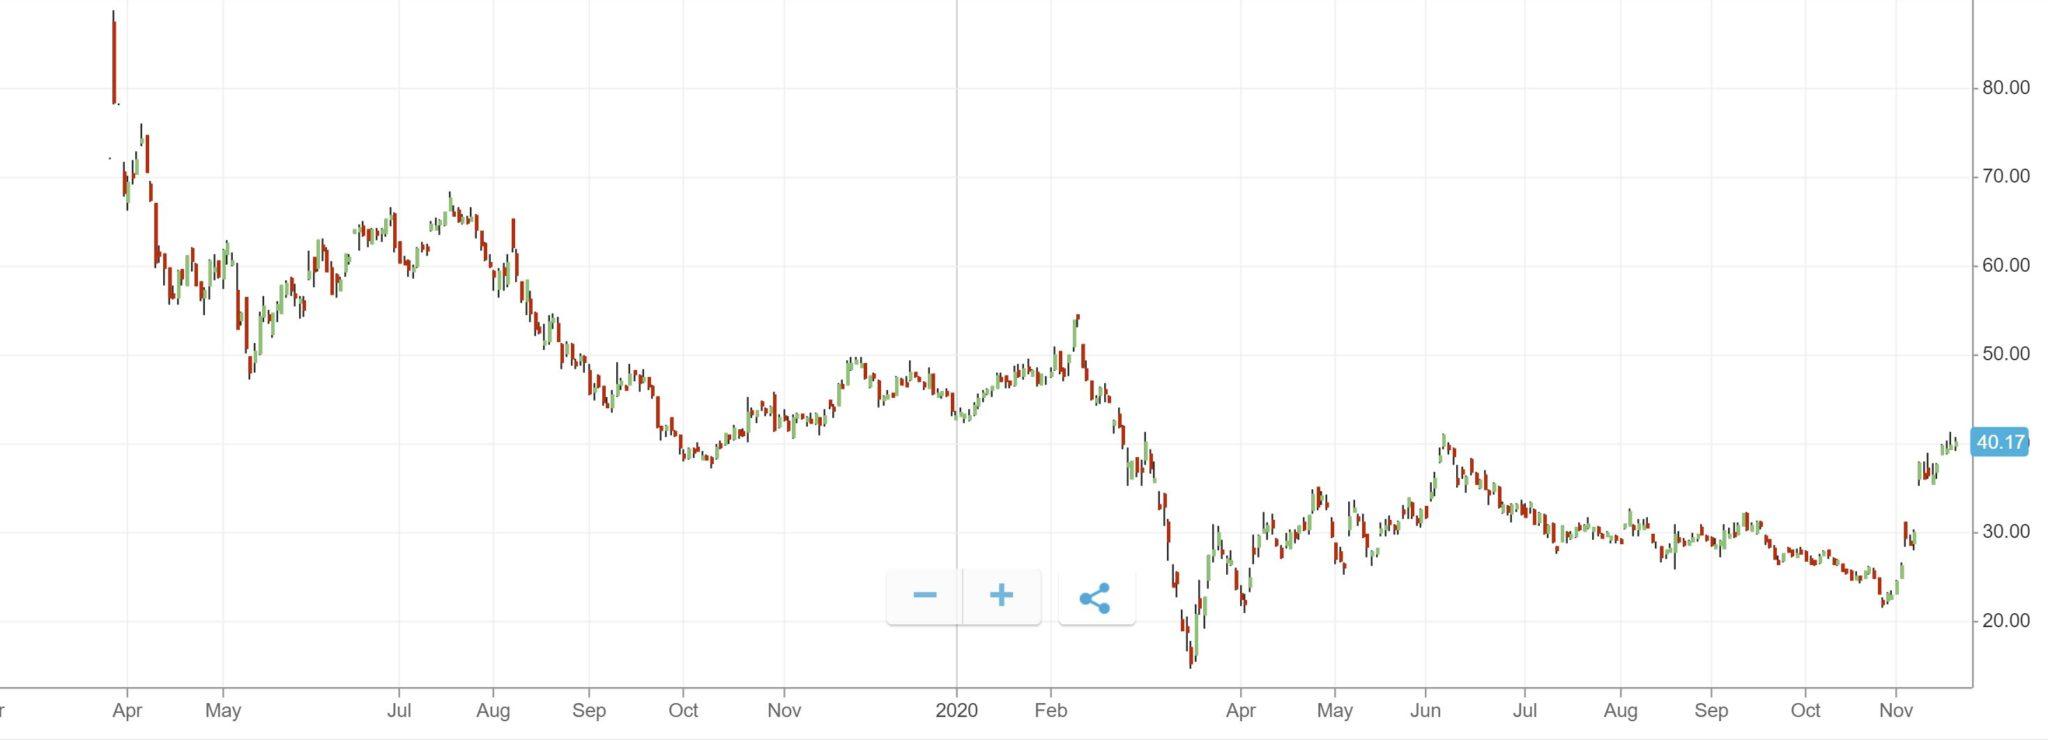 Lyft Stock Price Chart from eToro